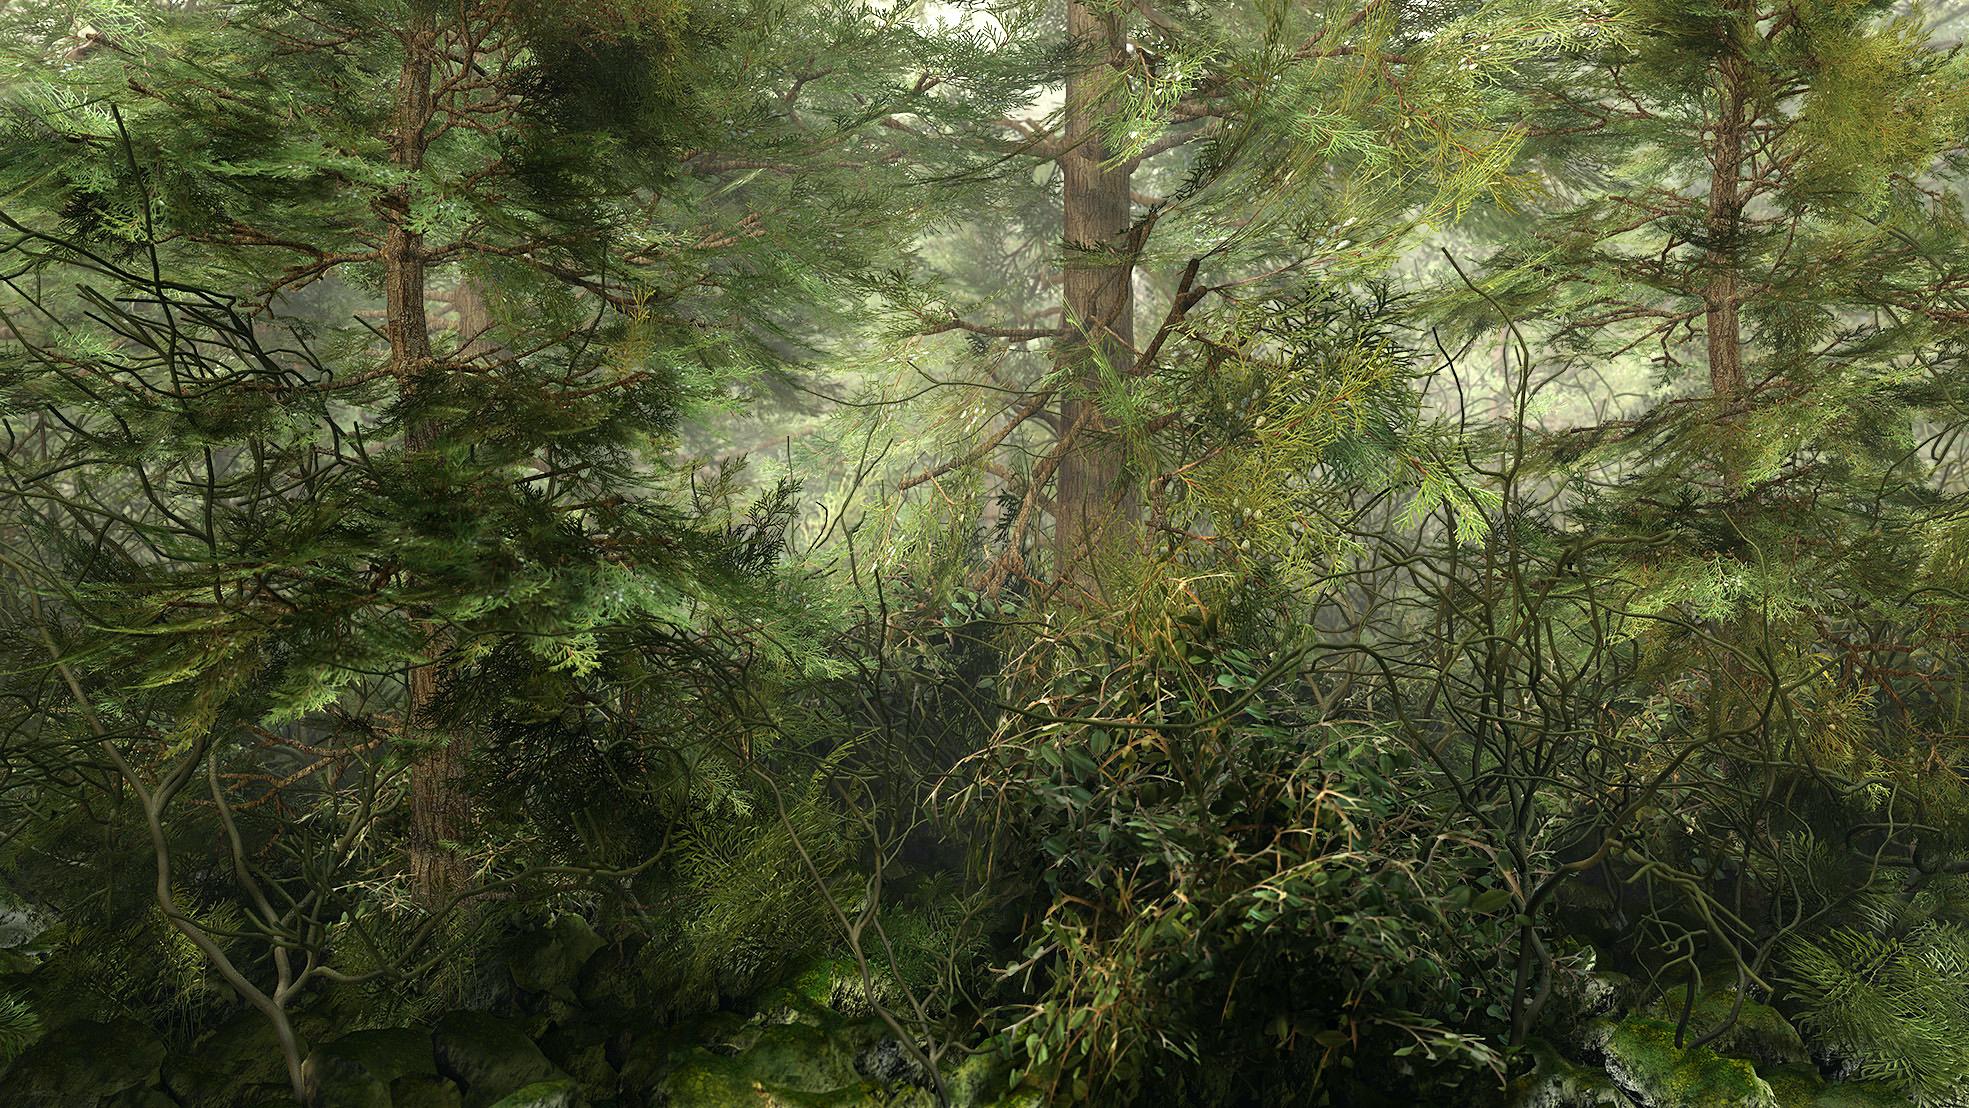 Gerhard Mantz, Ahnende Erfahrung, Pigment ink on canvas, 100 x 180 cm, 2009